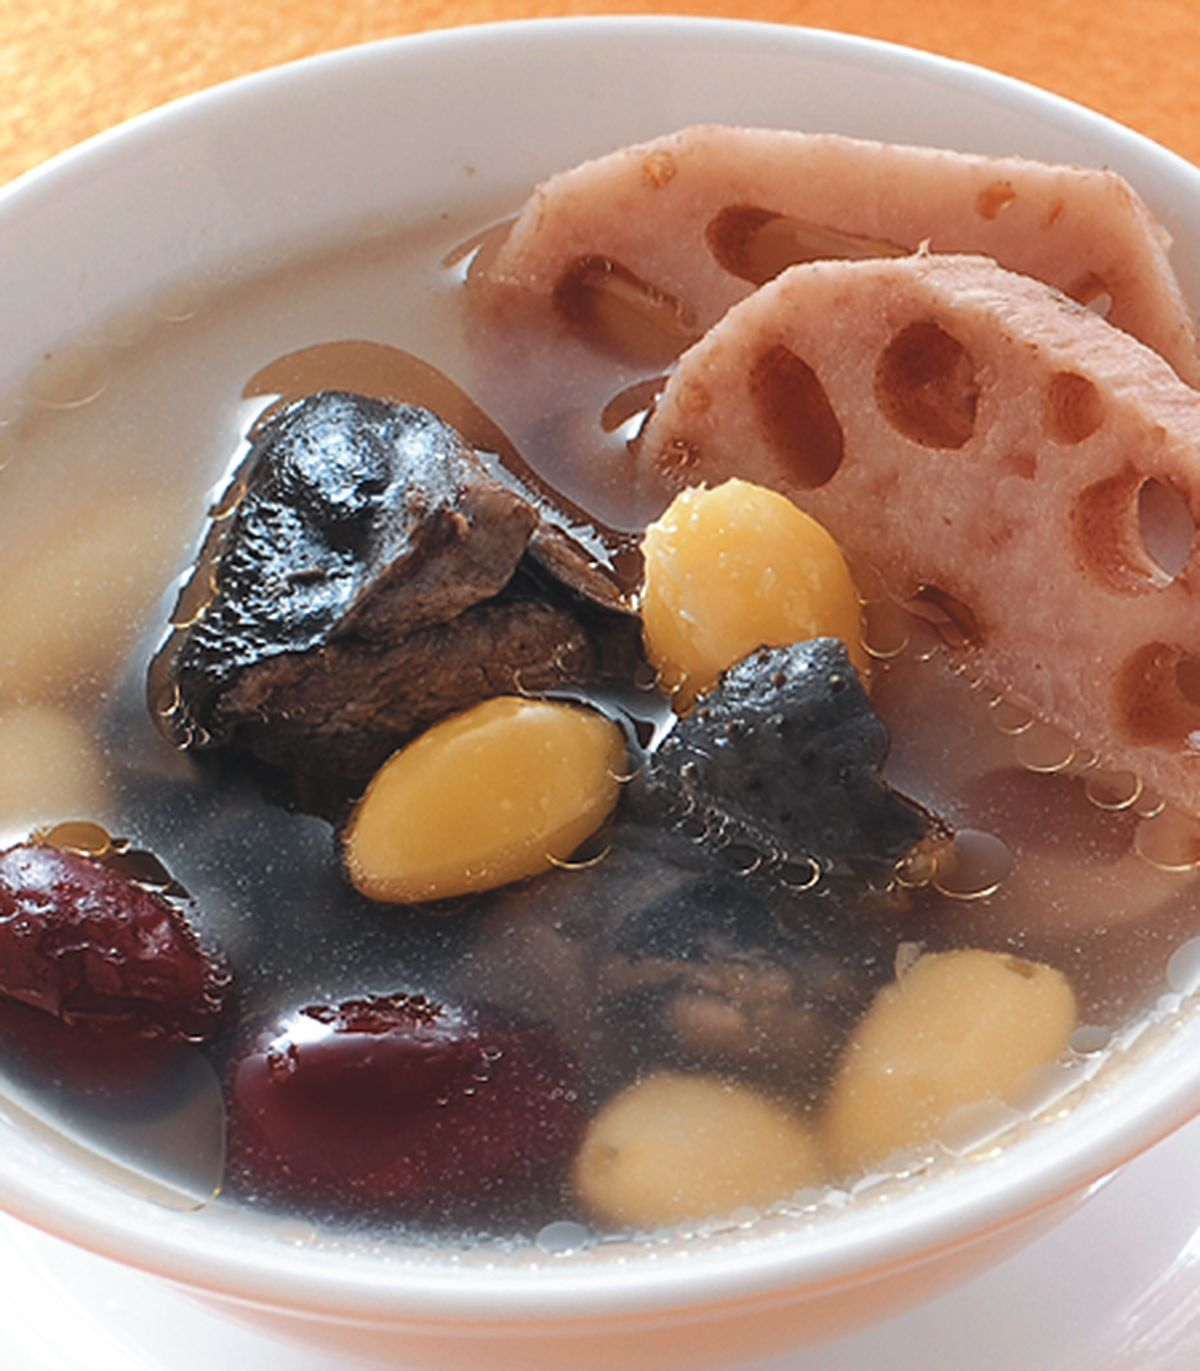 食譜:蓮藕紅棗白果雞湯